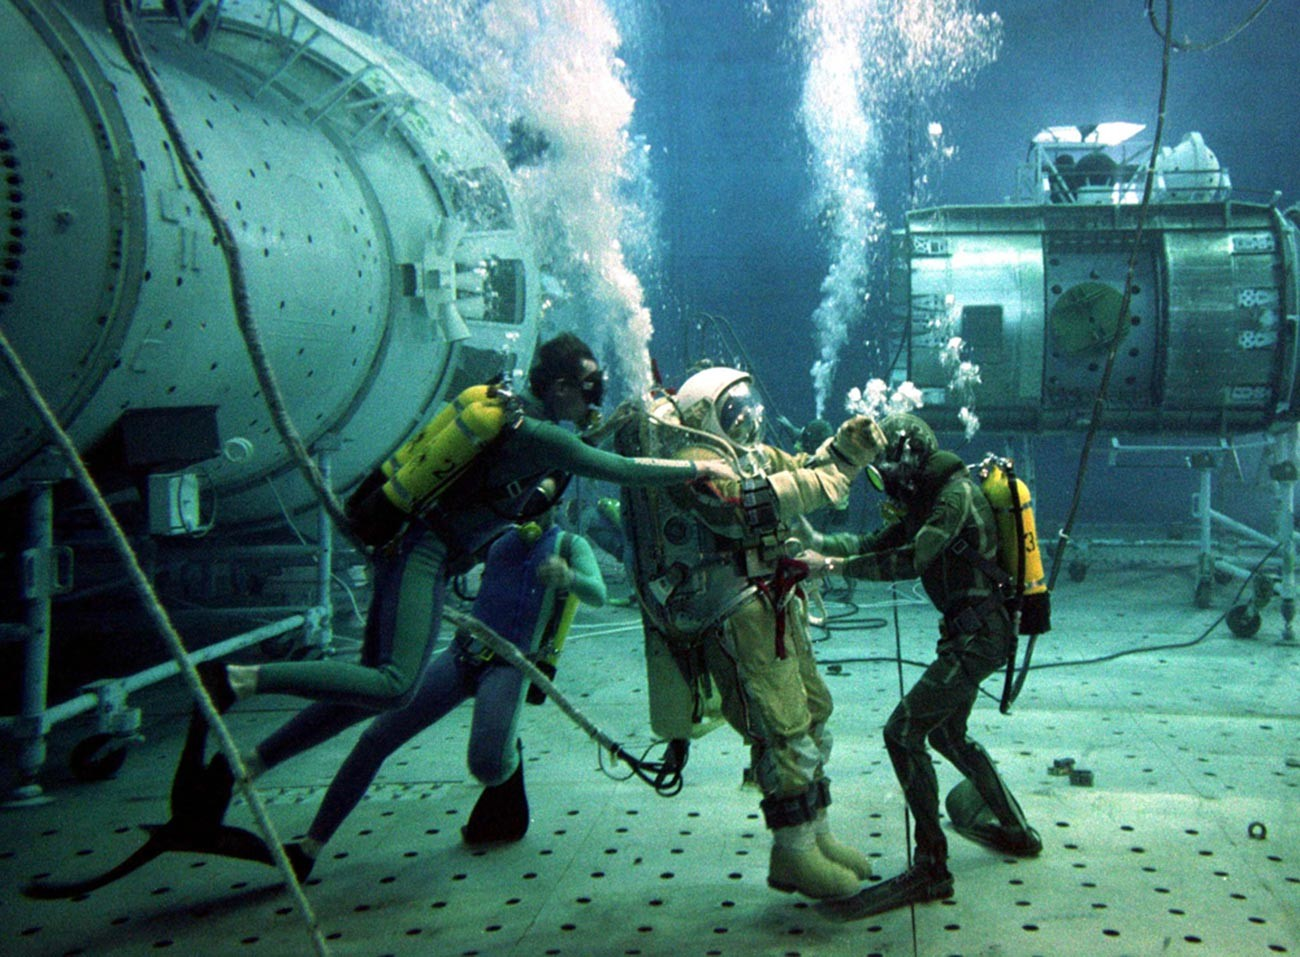 El instructor de pruebas ruso Oleg Pushkar es asistido por buzos durante las pruebas subacuáticas en una réplica de la estación espacial Mir dañada el 4 de julio de 1997.